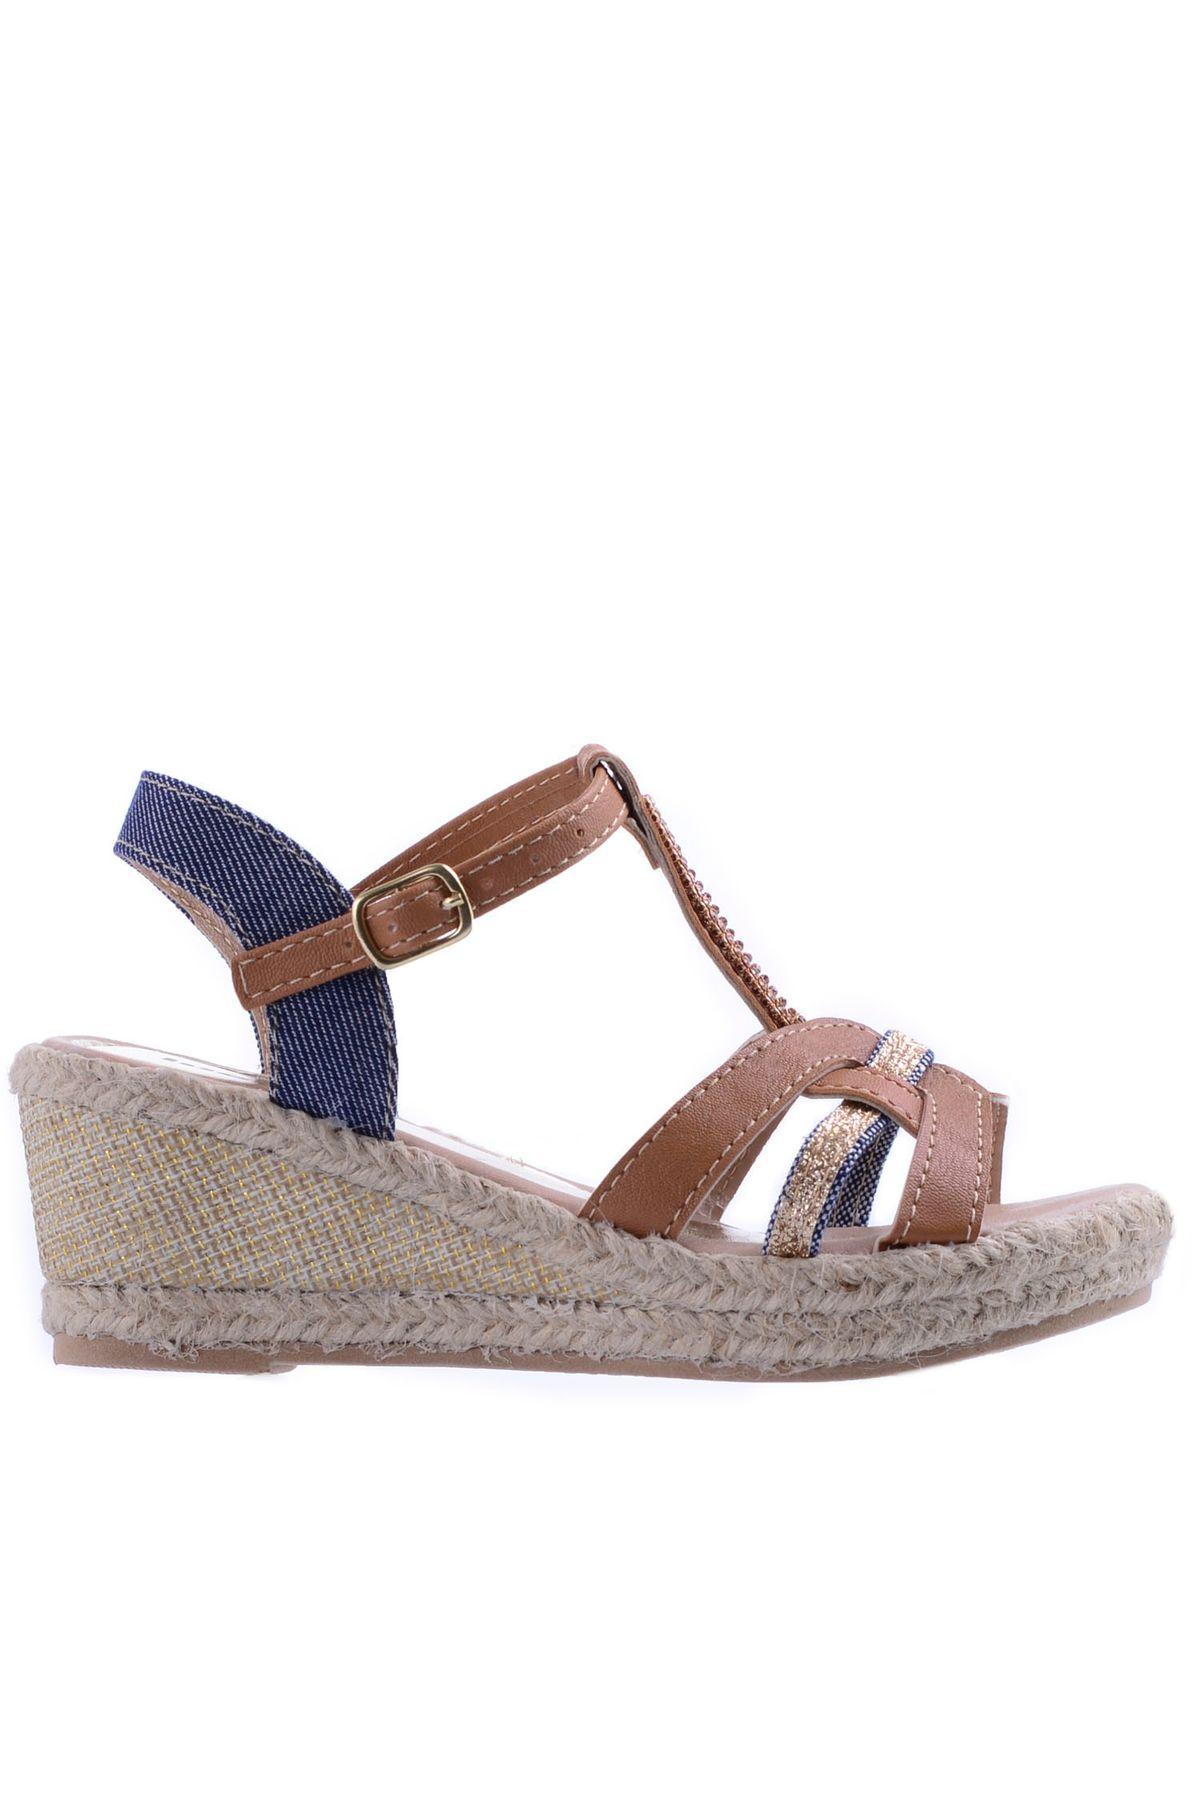 ae0f1ffd2 Sandália Anabela Luelua Thafny   Mundial Calçados - Mundial Calçados